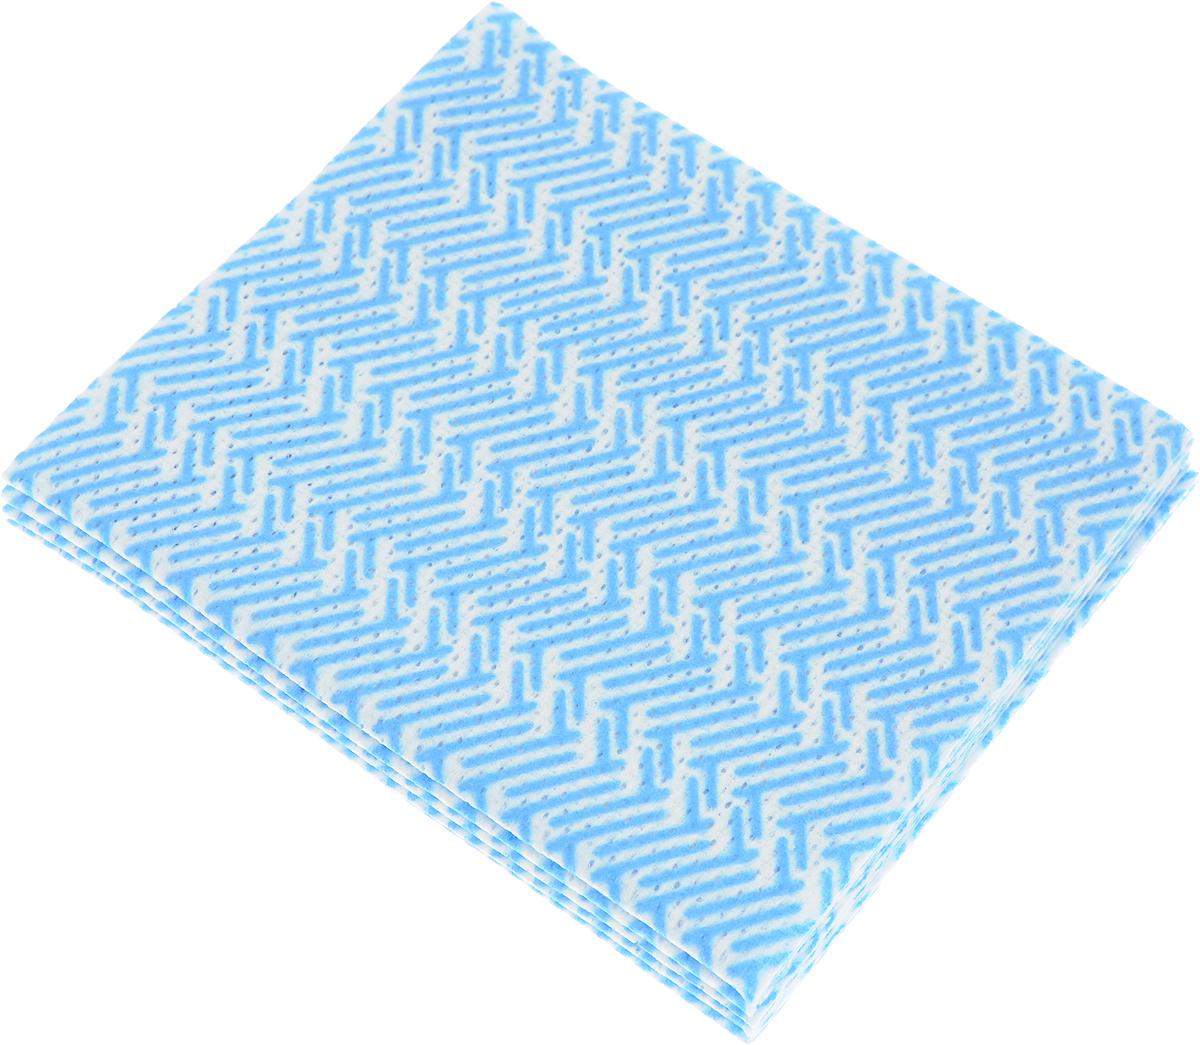 Салфетка бамбуковая La Chista, цвет: голубой, 30 х 34 см, 5 шт870342_голубойБамбуковая салфетка для уборки La Chista предназначена для удаления жира и загрязнений с любых поверхностей без использования моющих средств.Особенности салфетки:- жироотталкивающие свойства;- антибактериальный эффект.Состав: 70% бамбуковое волокно, 20% полиэстер, 10% вискоза.Размер салфетки: 30 см х 34 см.